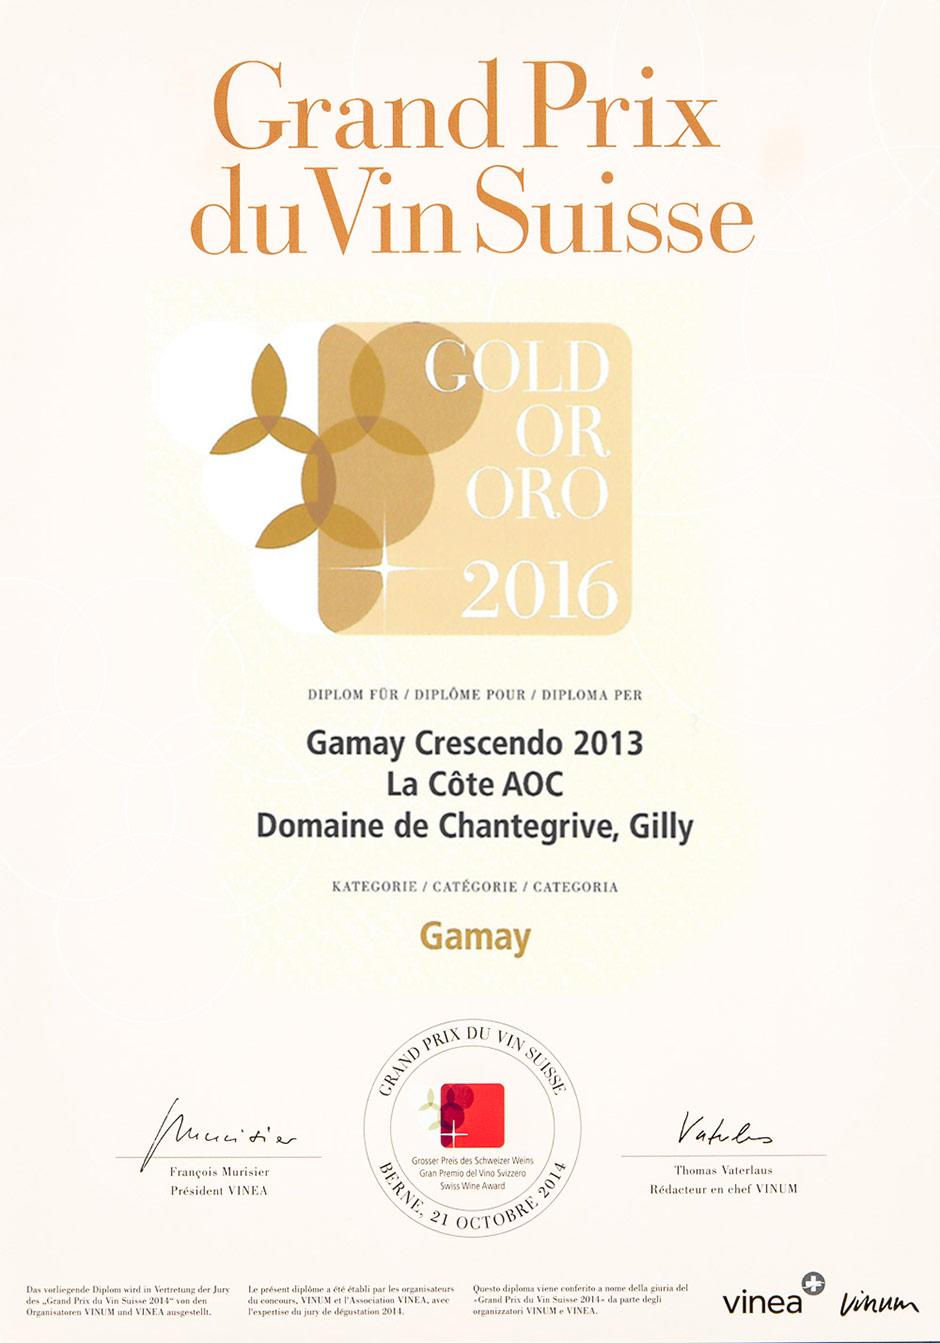 Vin primé Crescendo-Gamay 2013 Domaine de Chantegrive